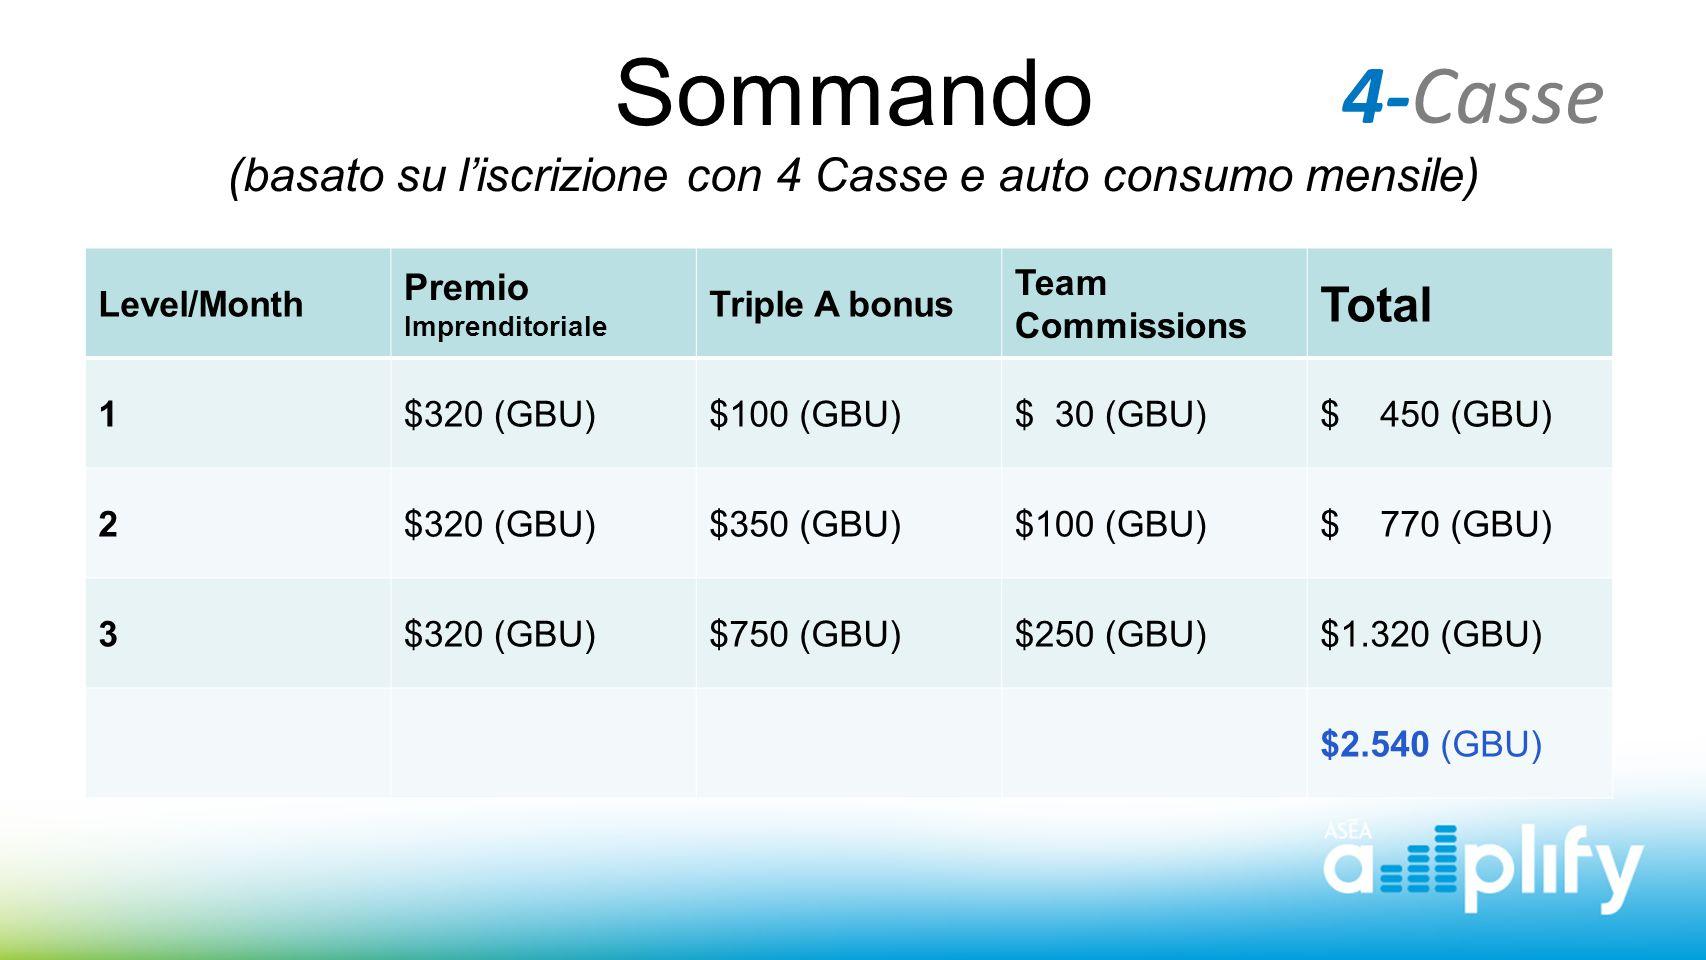 Level/Month Premio Imprenditoriale Triple A bonus Team Commissions Total 1$320 (GBU)$100 (GBU)$ 30 (GBU)$ 450 (GBU) 2$320 (GBU)$350 (GBU)$100 (GBU)$ 7